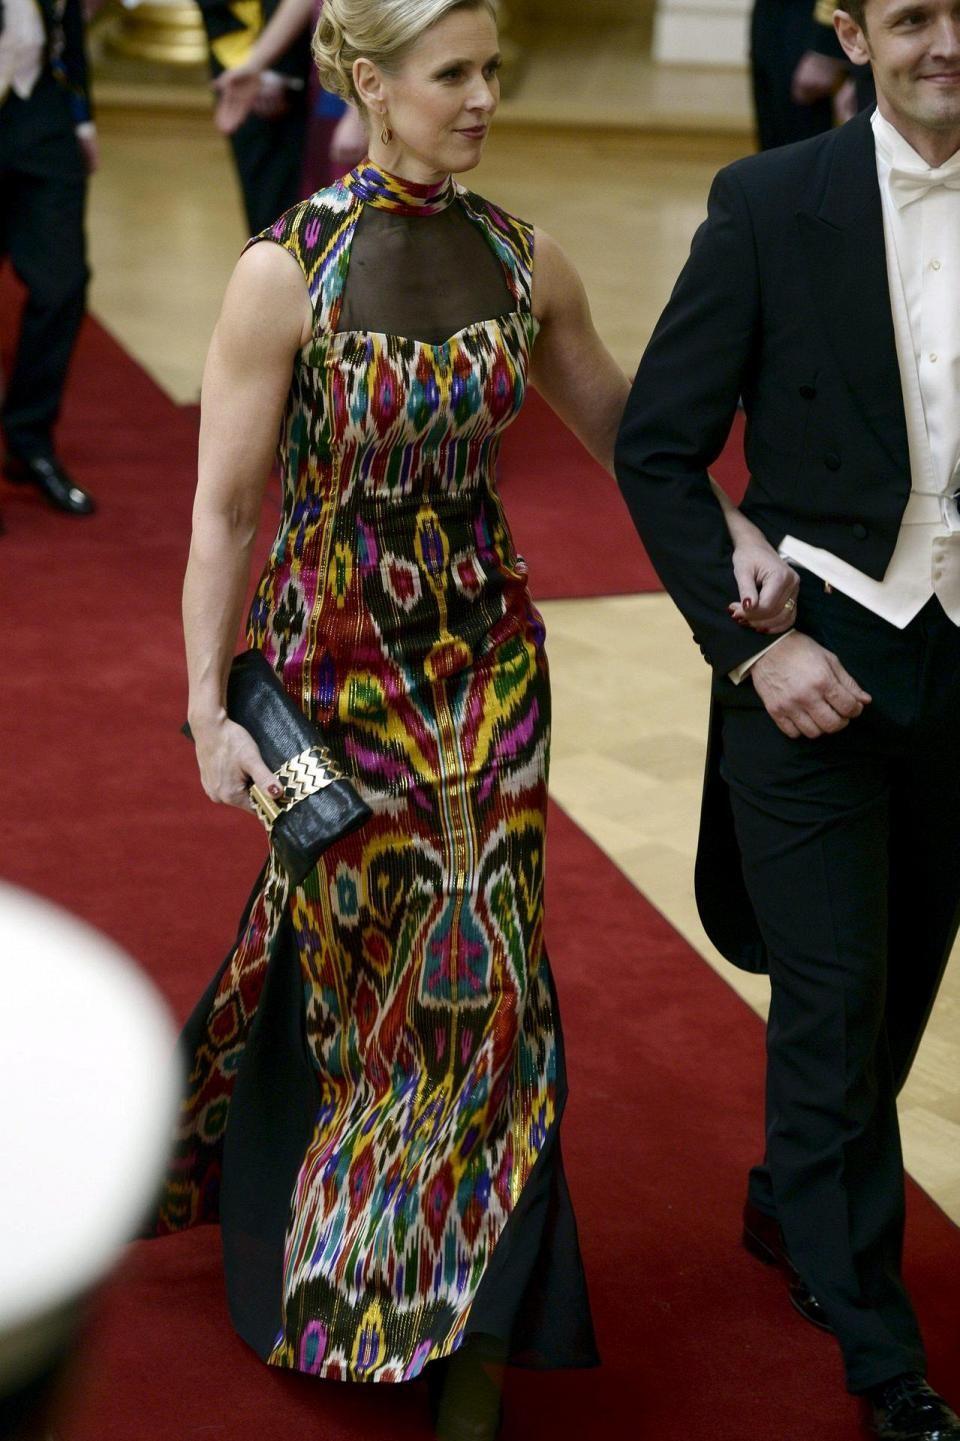 Kokoomuksen kansanedustajan Sinuhe Wallinheimon puoliso Kaisa Wallinheimo edusti näyttävästä silkkikankaasta valmistetussa puvussa.